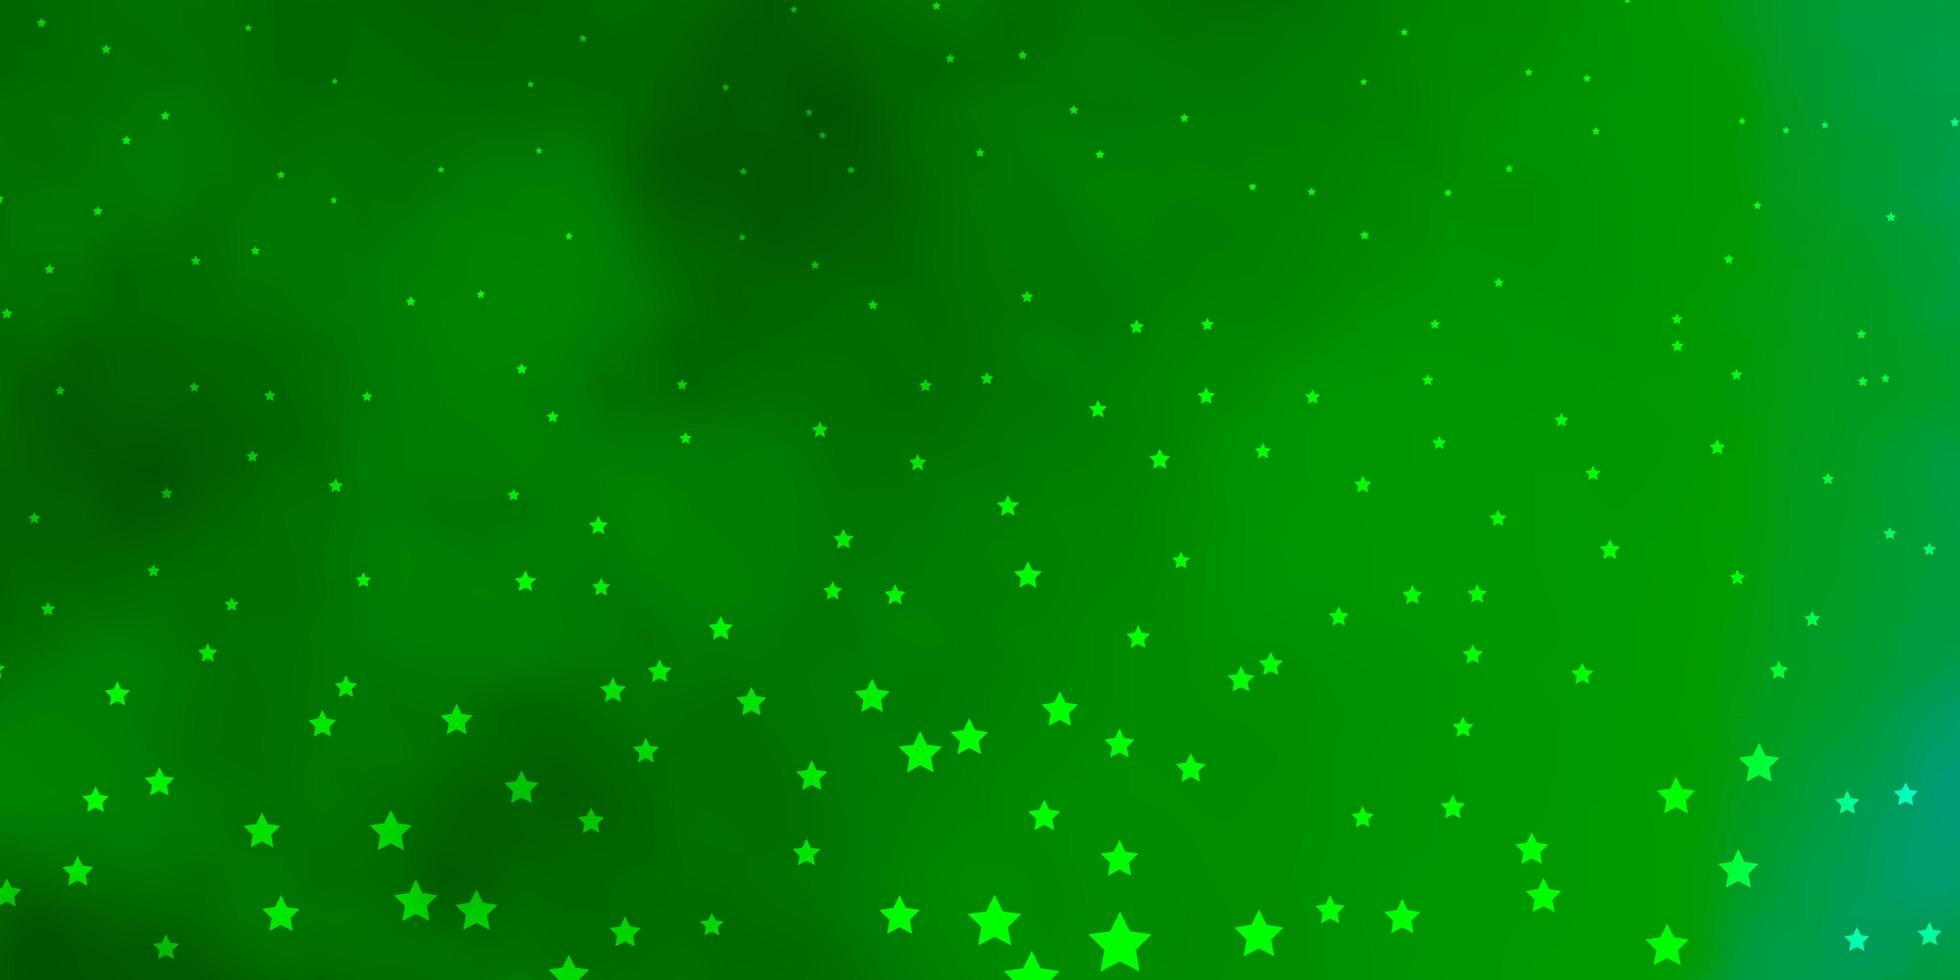 grön konsistens med vackra stjärnor. vektor